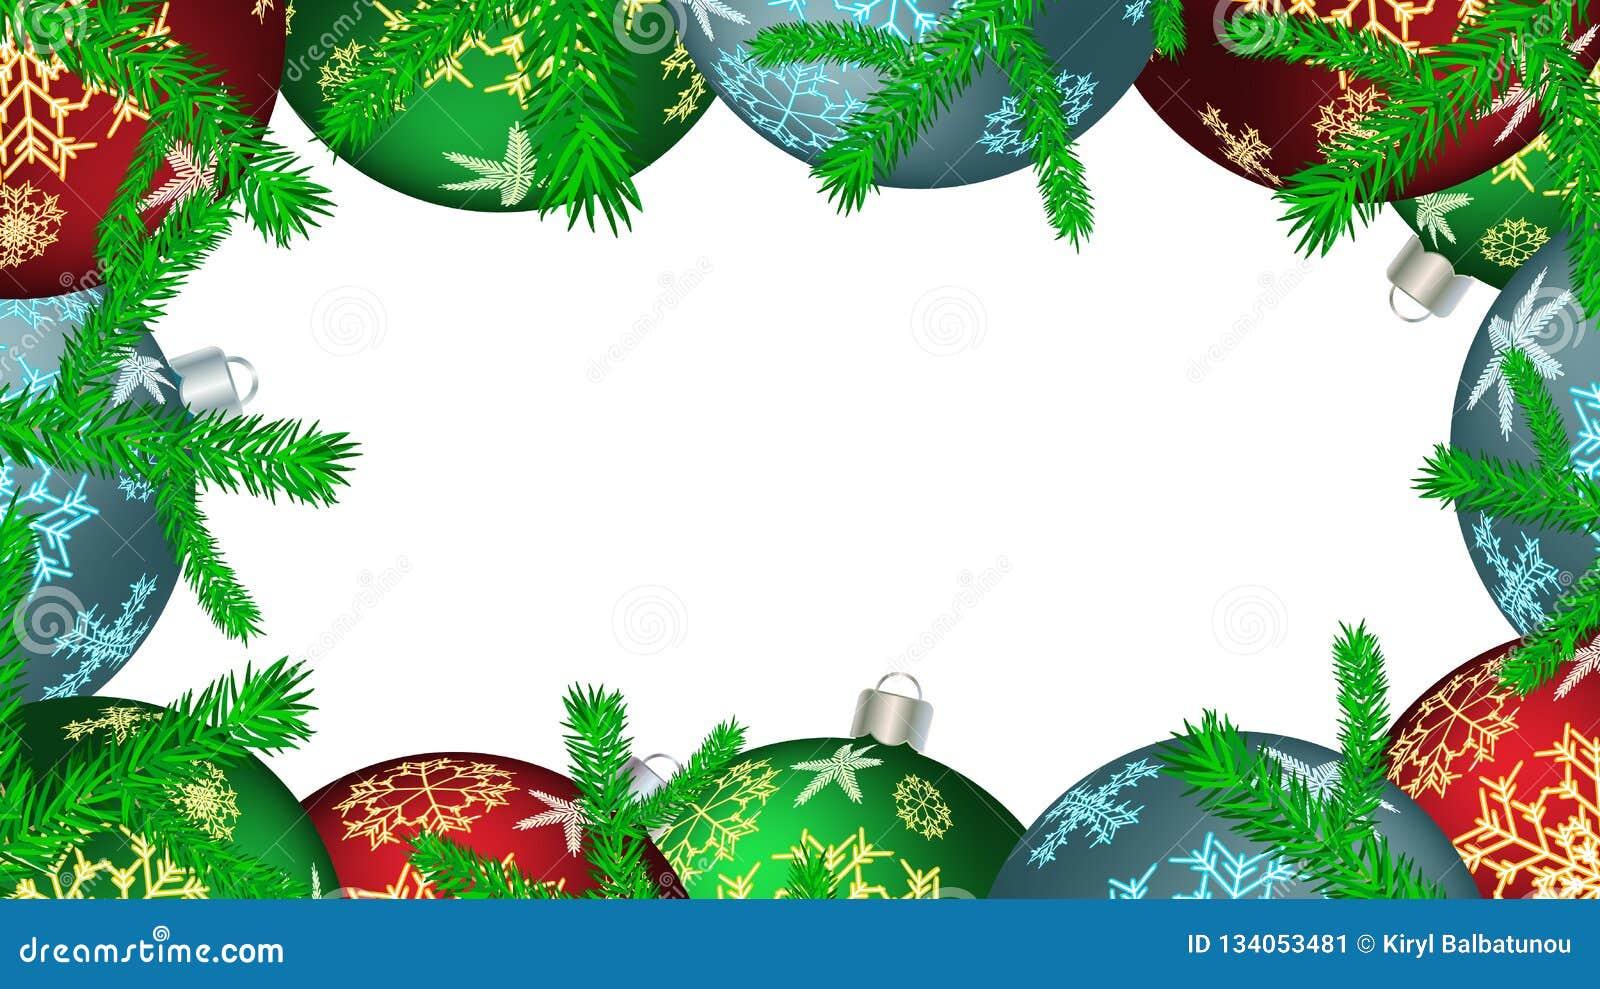 Marcos Para Fotos De Arbol De Navidad.Marco De La Navidad Para Las Bolas Redondas Del Ano Nuevo